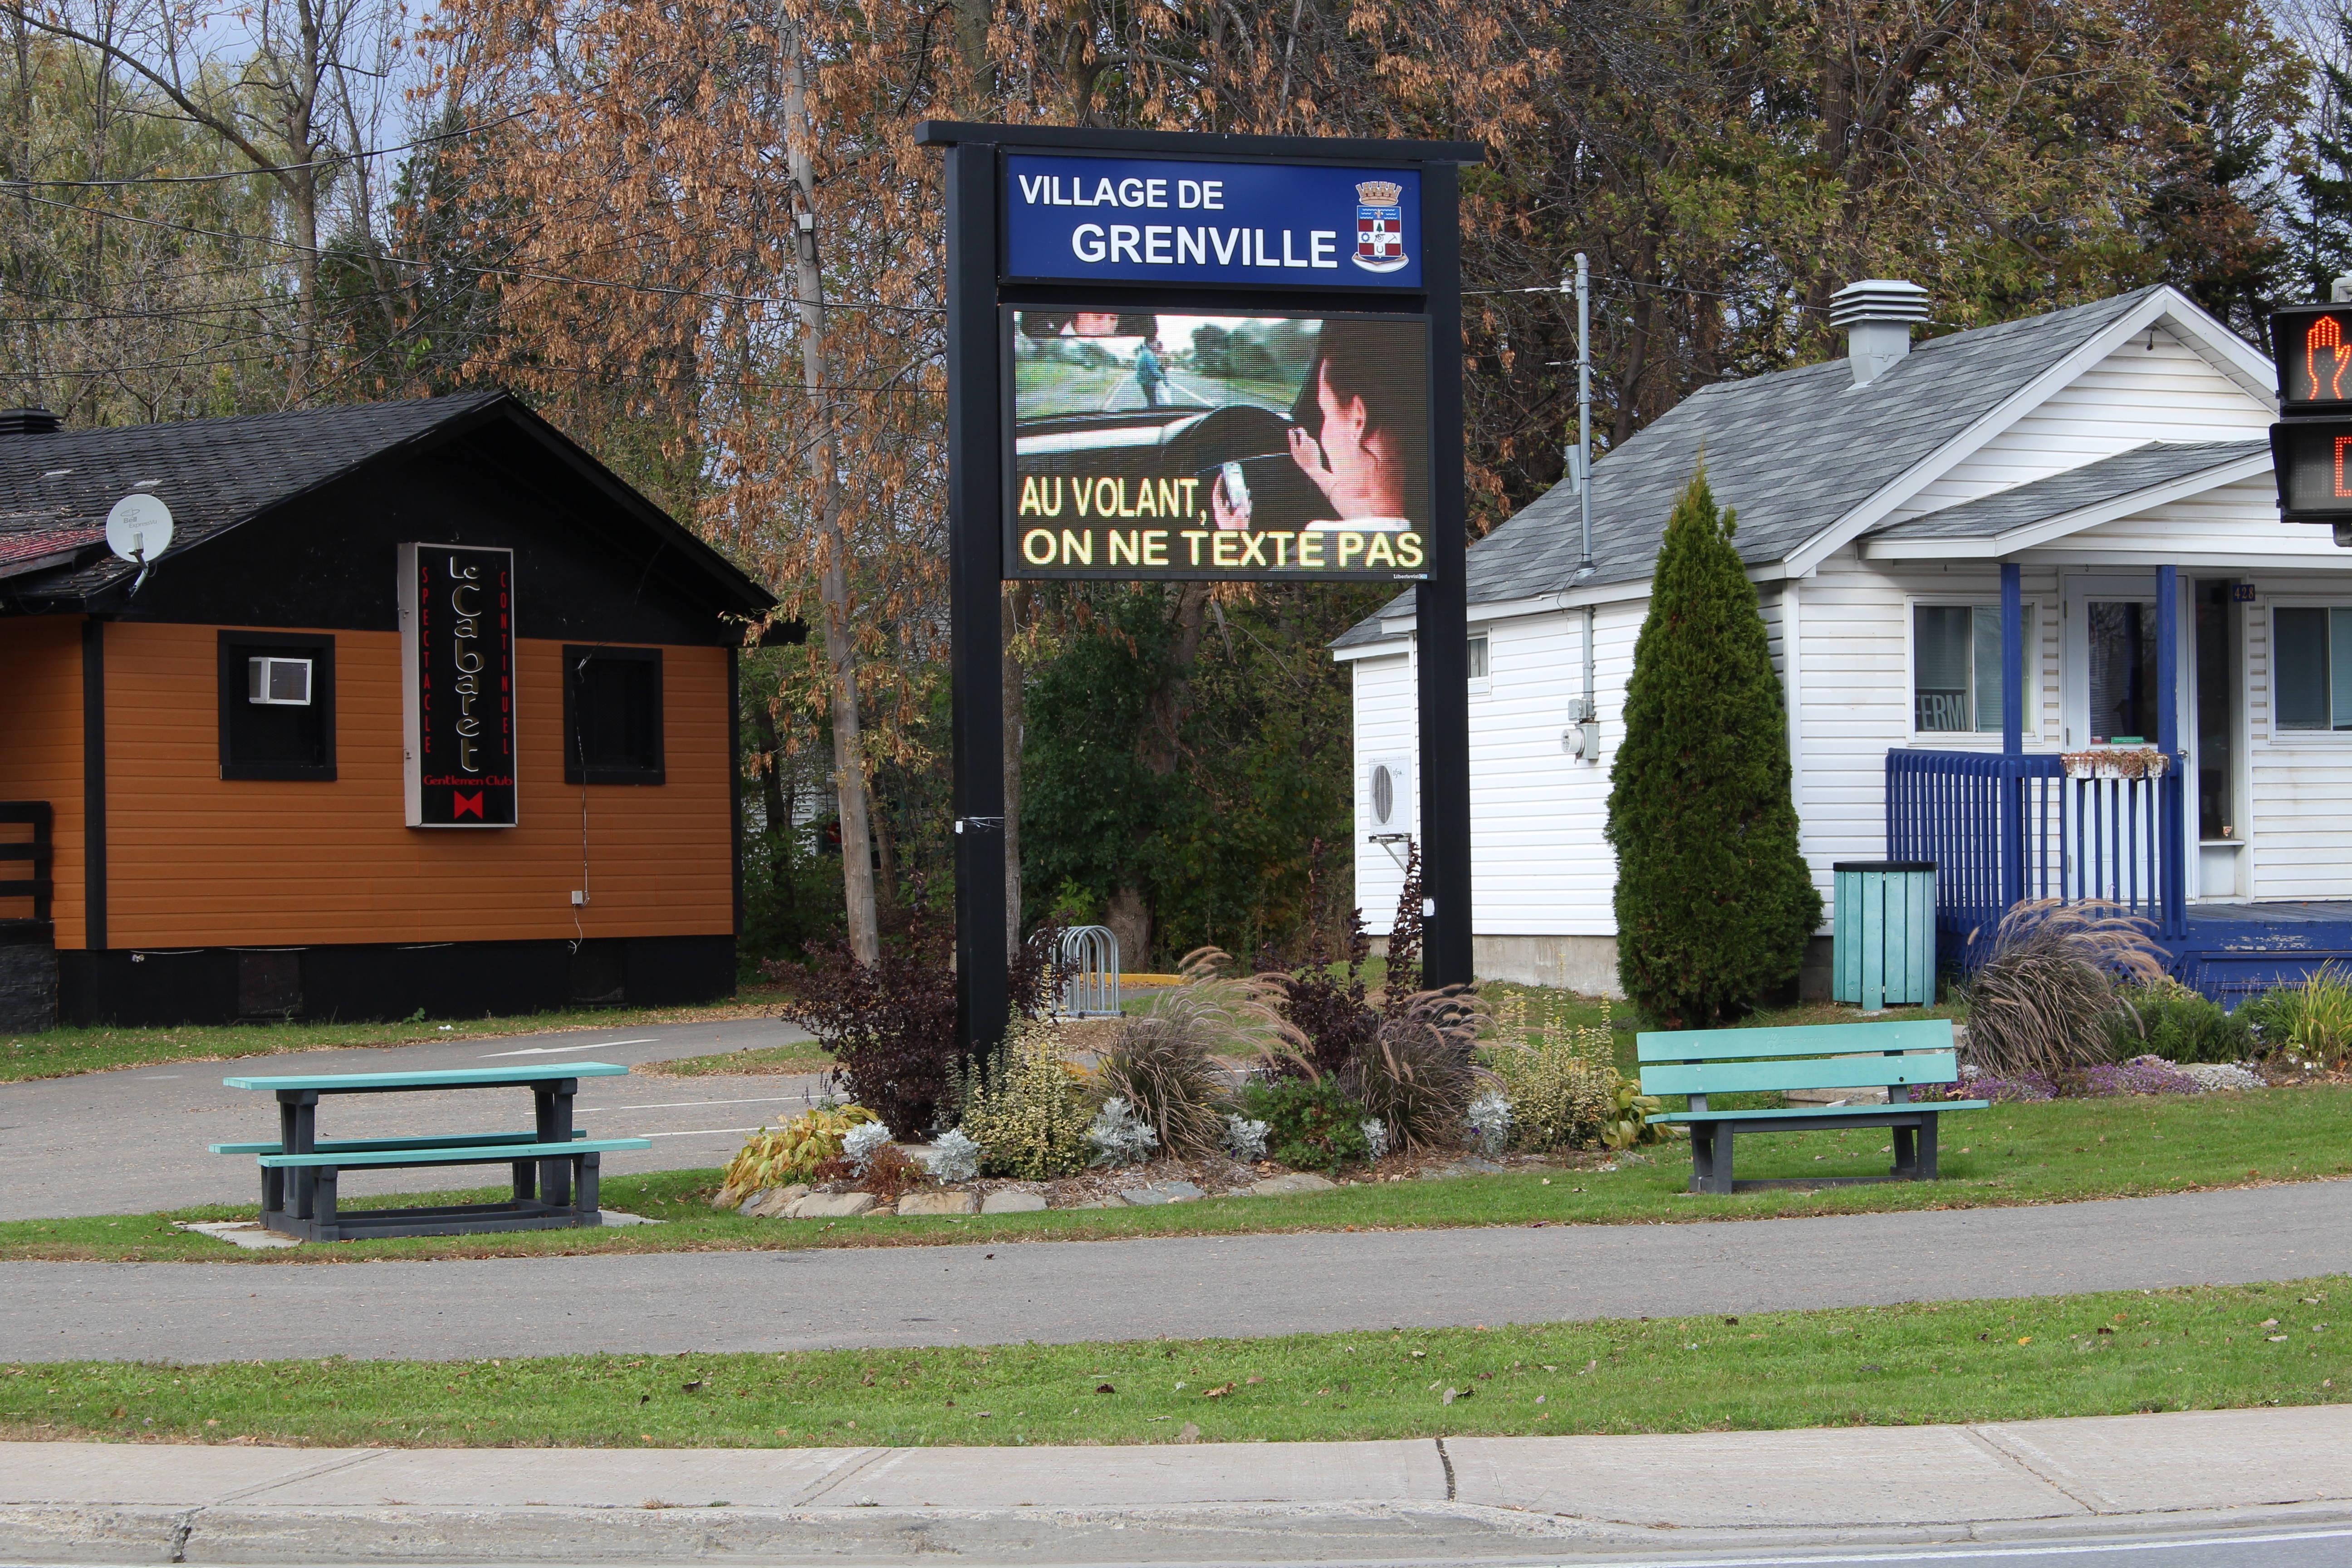 ville_qc_grenville_écran_numérique_libertevision_digital_sign